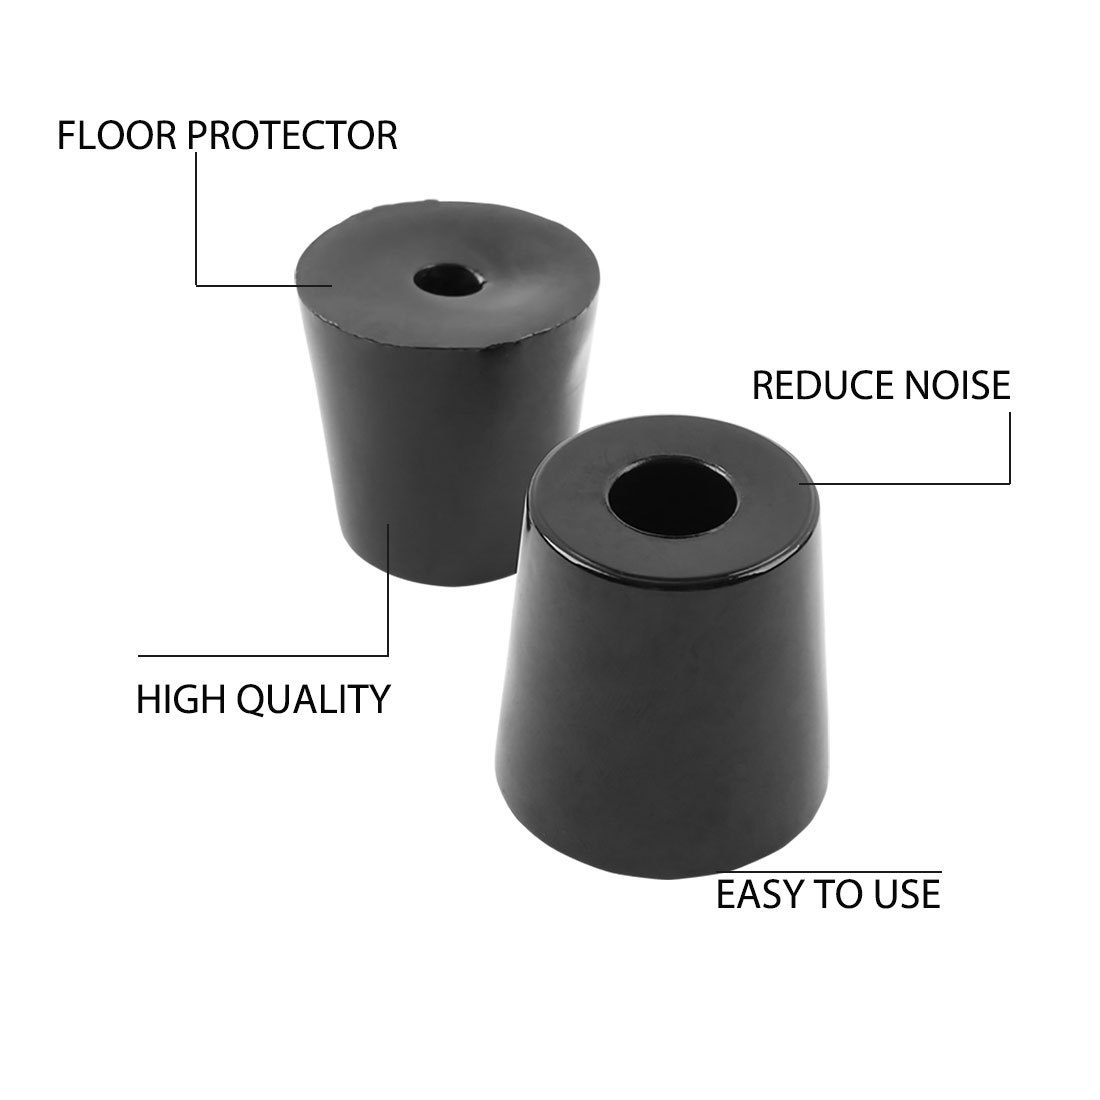 6pcs Rubber Feet Bumper Furniture Table Speaker Cabinet Leg Pads, D33x27xH33mm - image 4 de 7